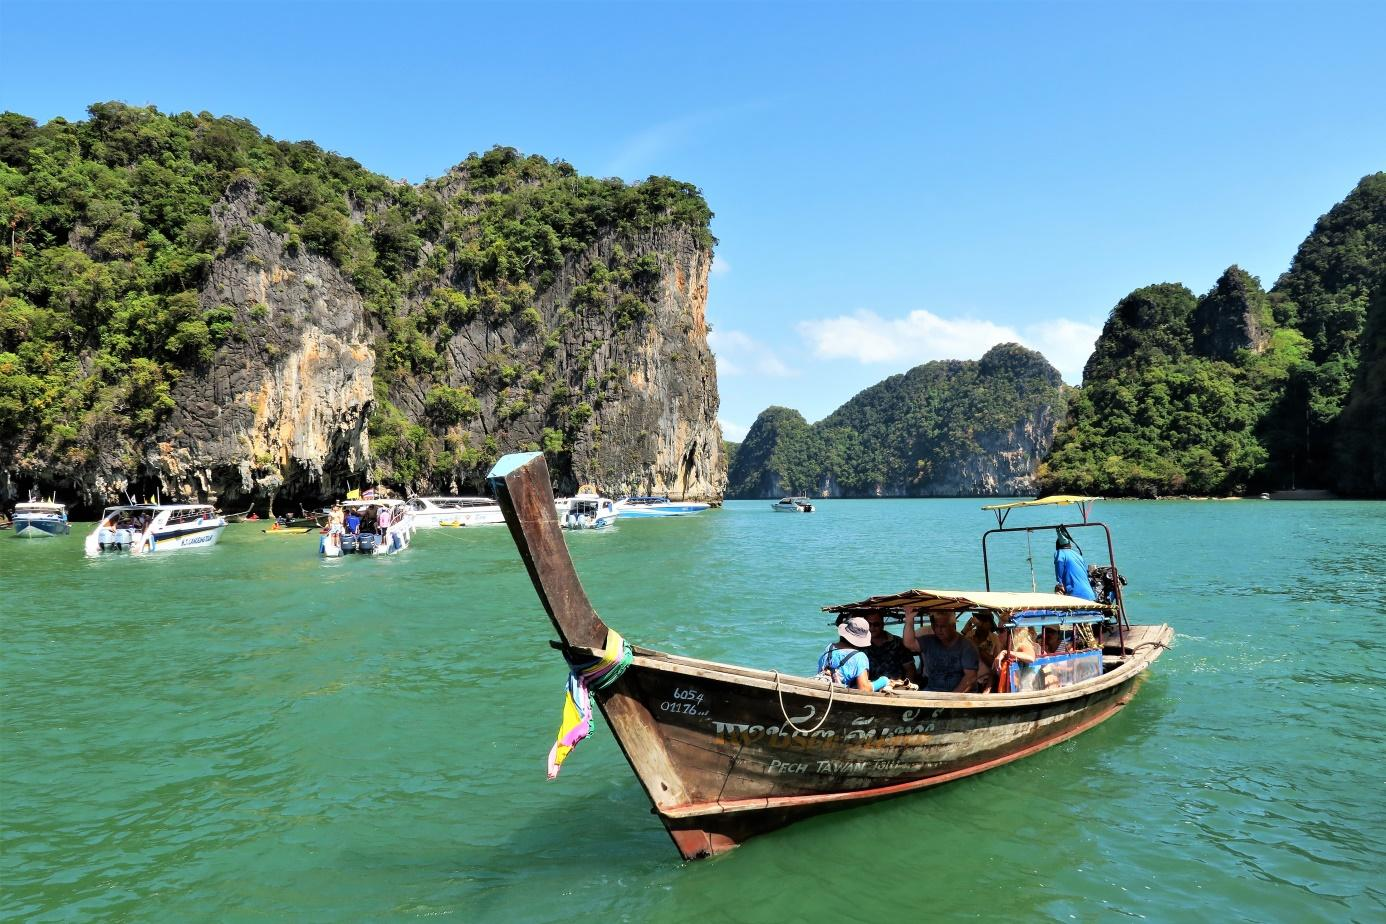 C:\Users\Administrator\Documents\Documents\Putovanja\PUTOPISI\TAJLAND\Tajland 6\Slike\12.jpg